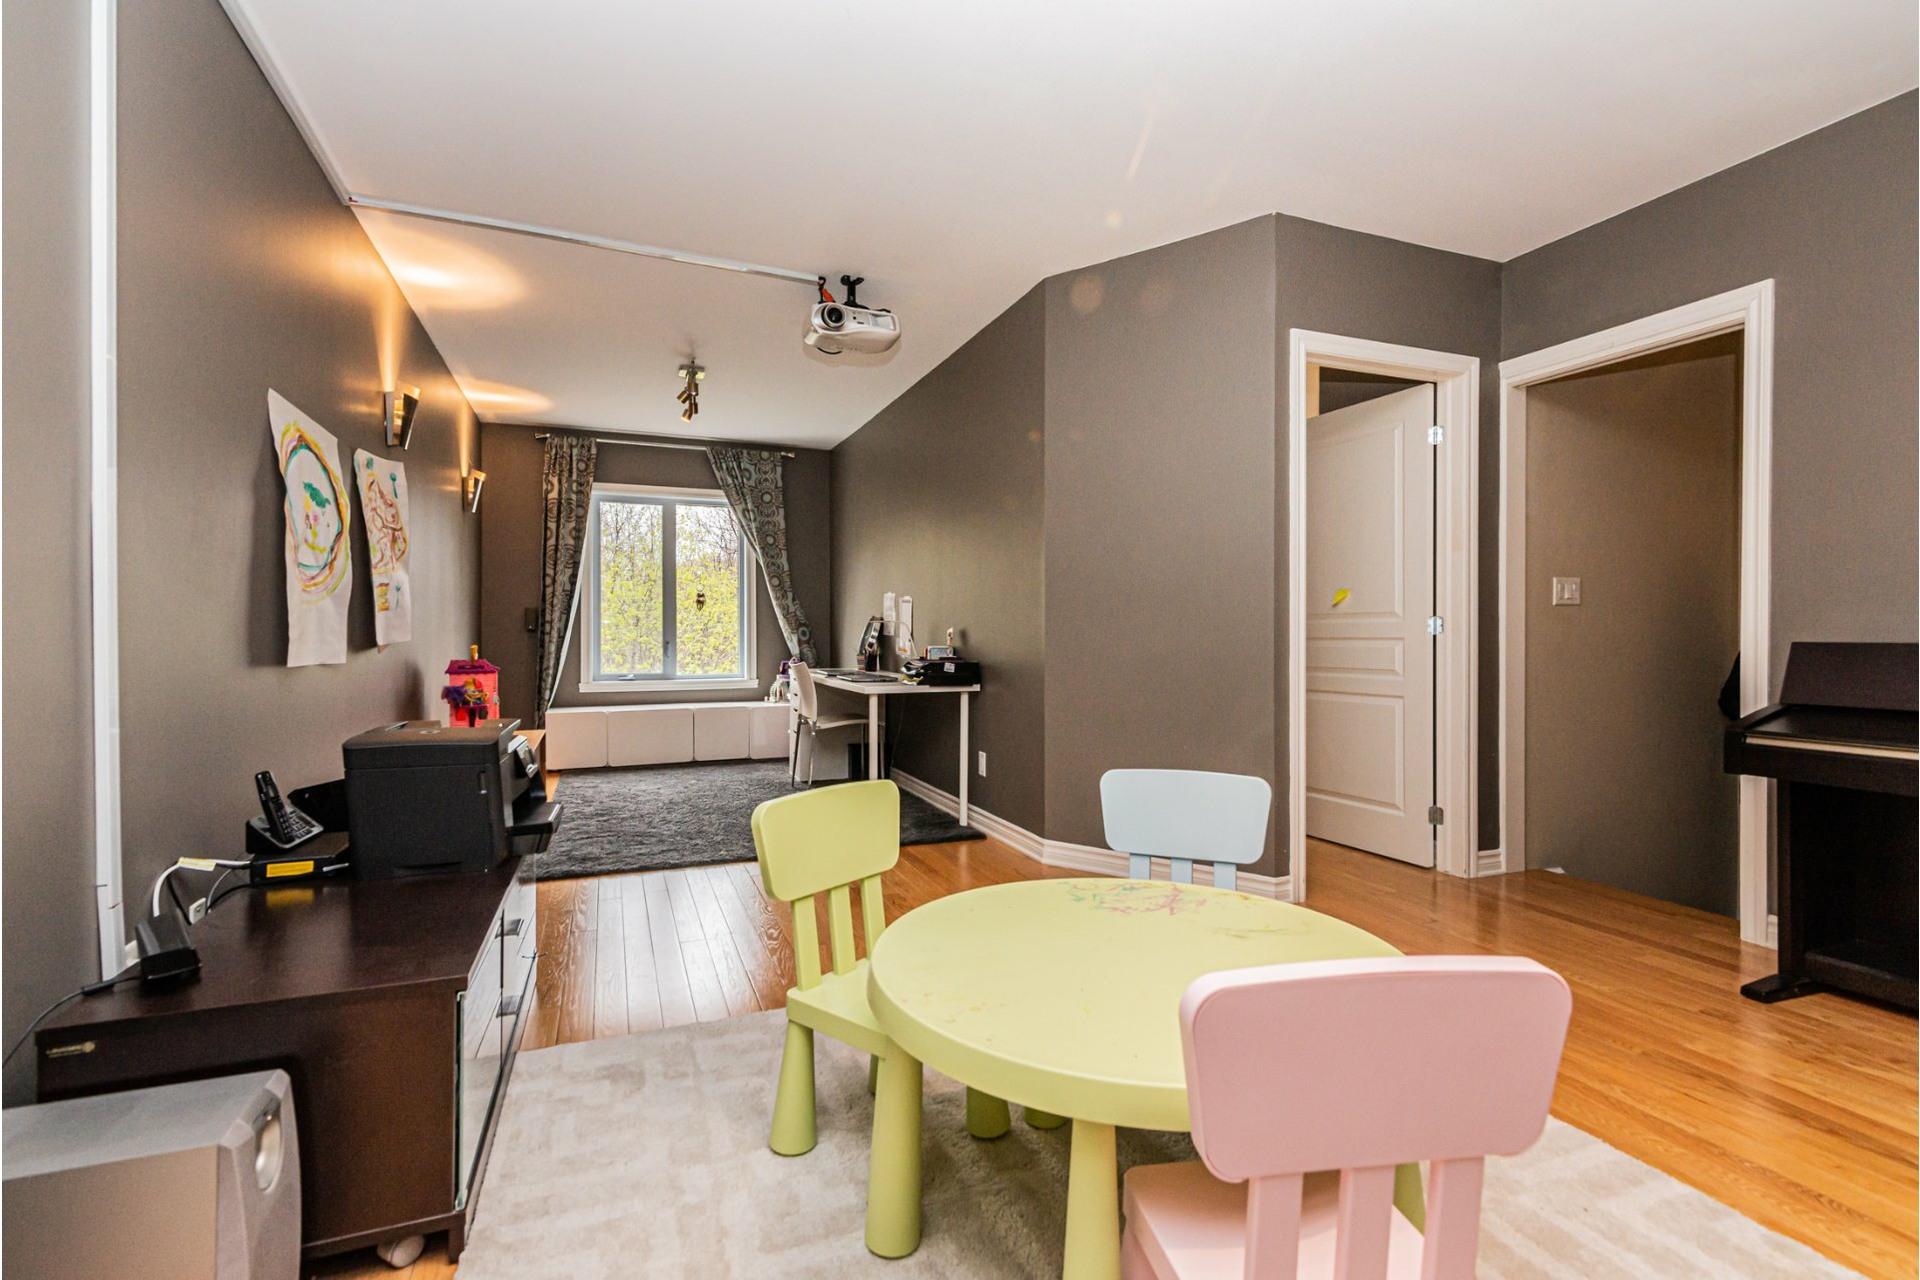 image 25 - Maison À vendre Côte-des-Neiges/Notre-Dame-de-Grâce Montréal  - 11 pièces